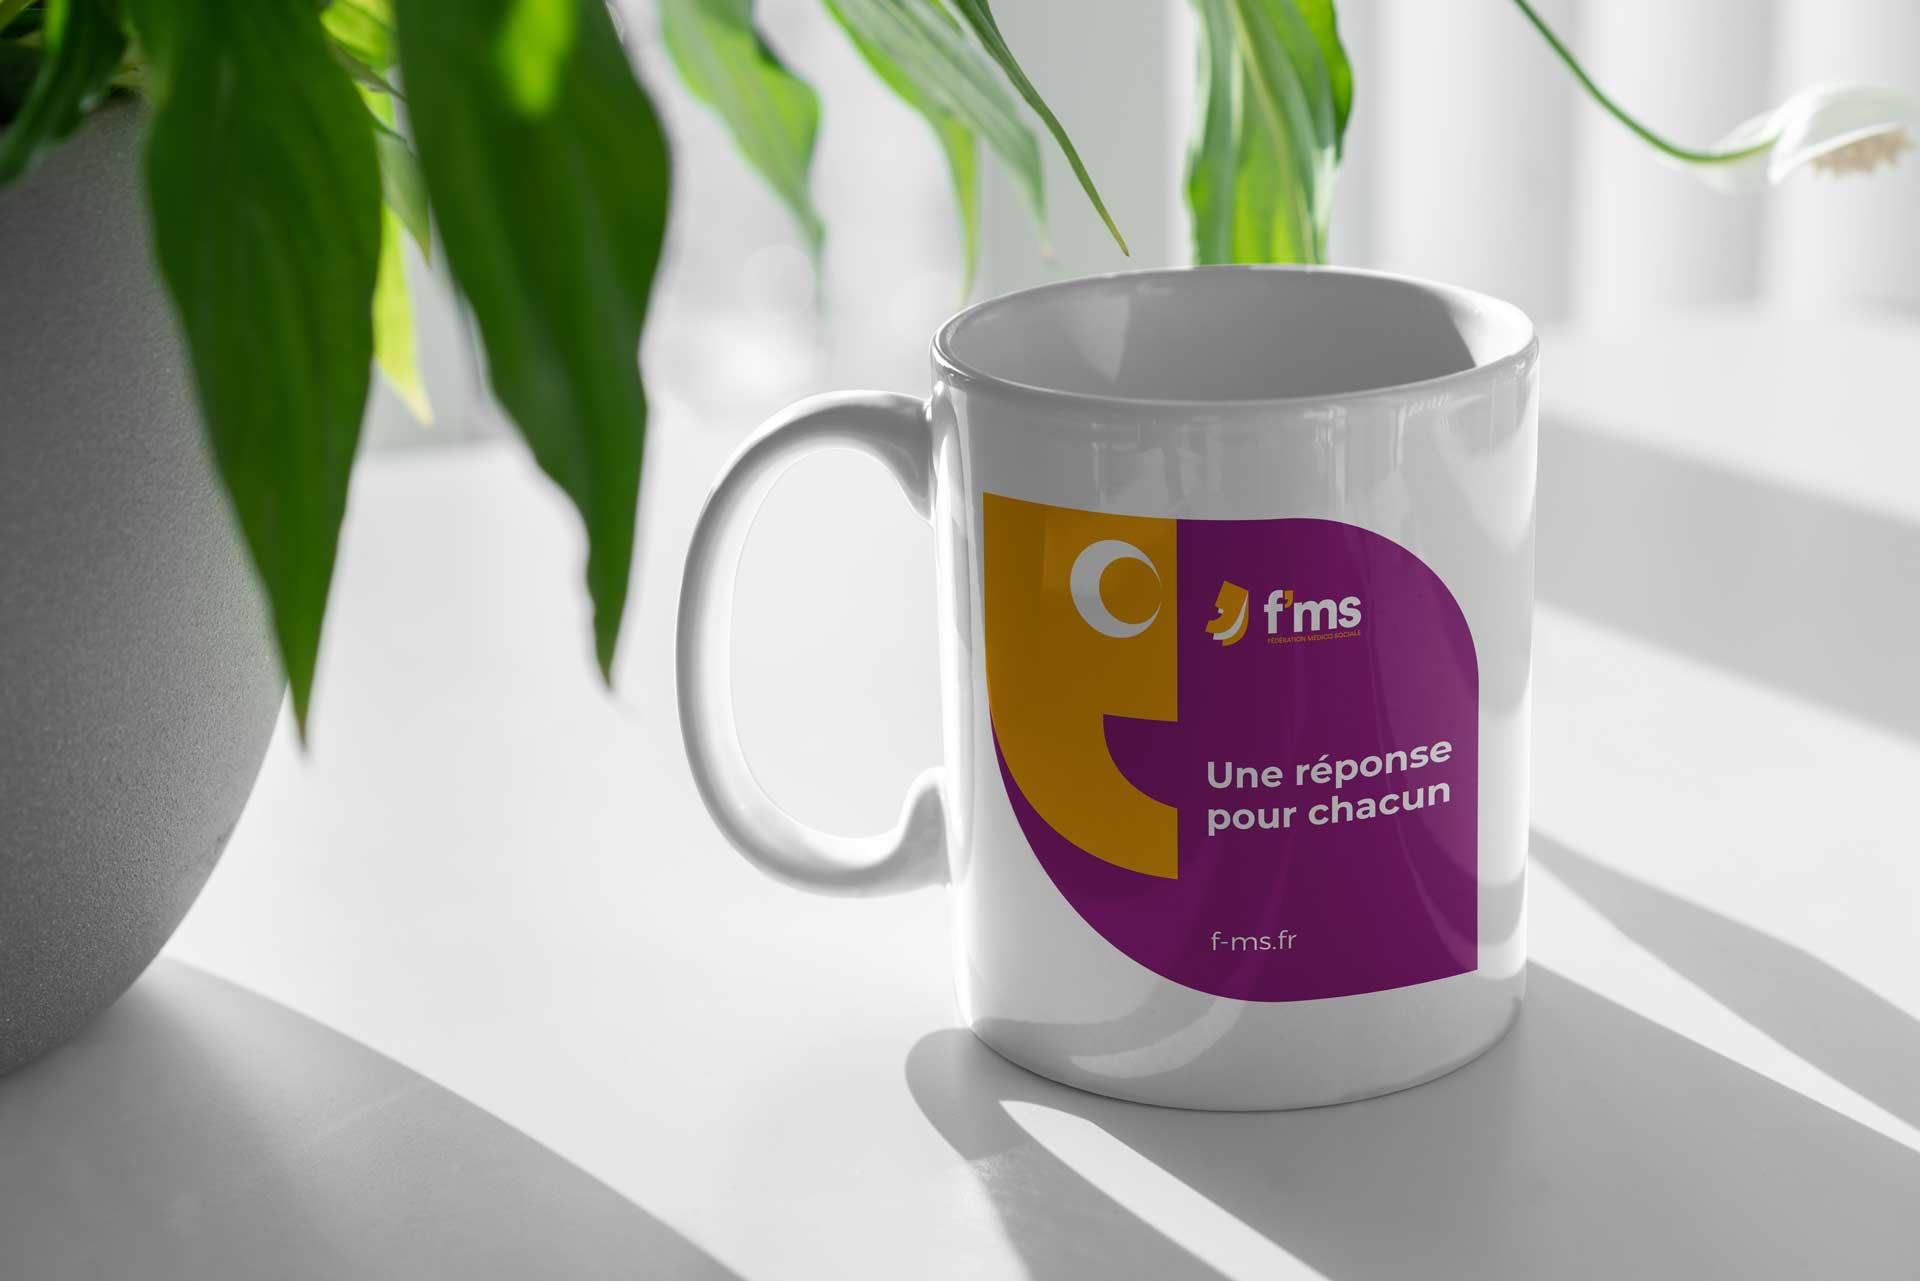 lezardscreation agence communication publicite vosges remiremont fms fms free mug mock up copie